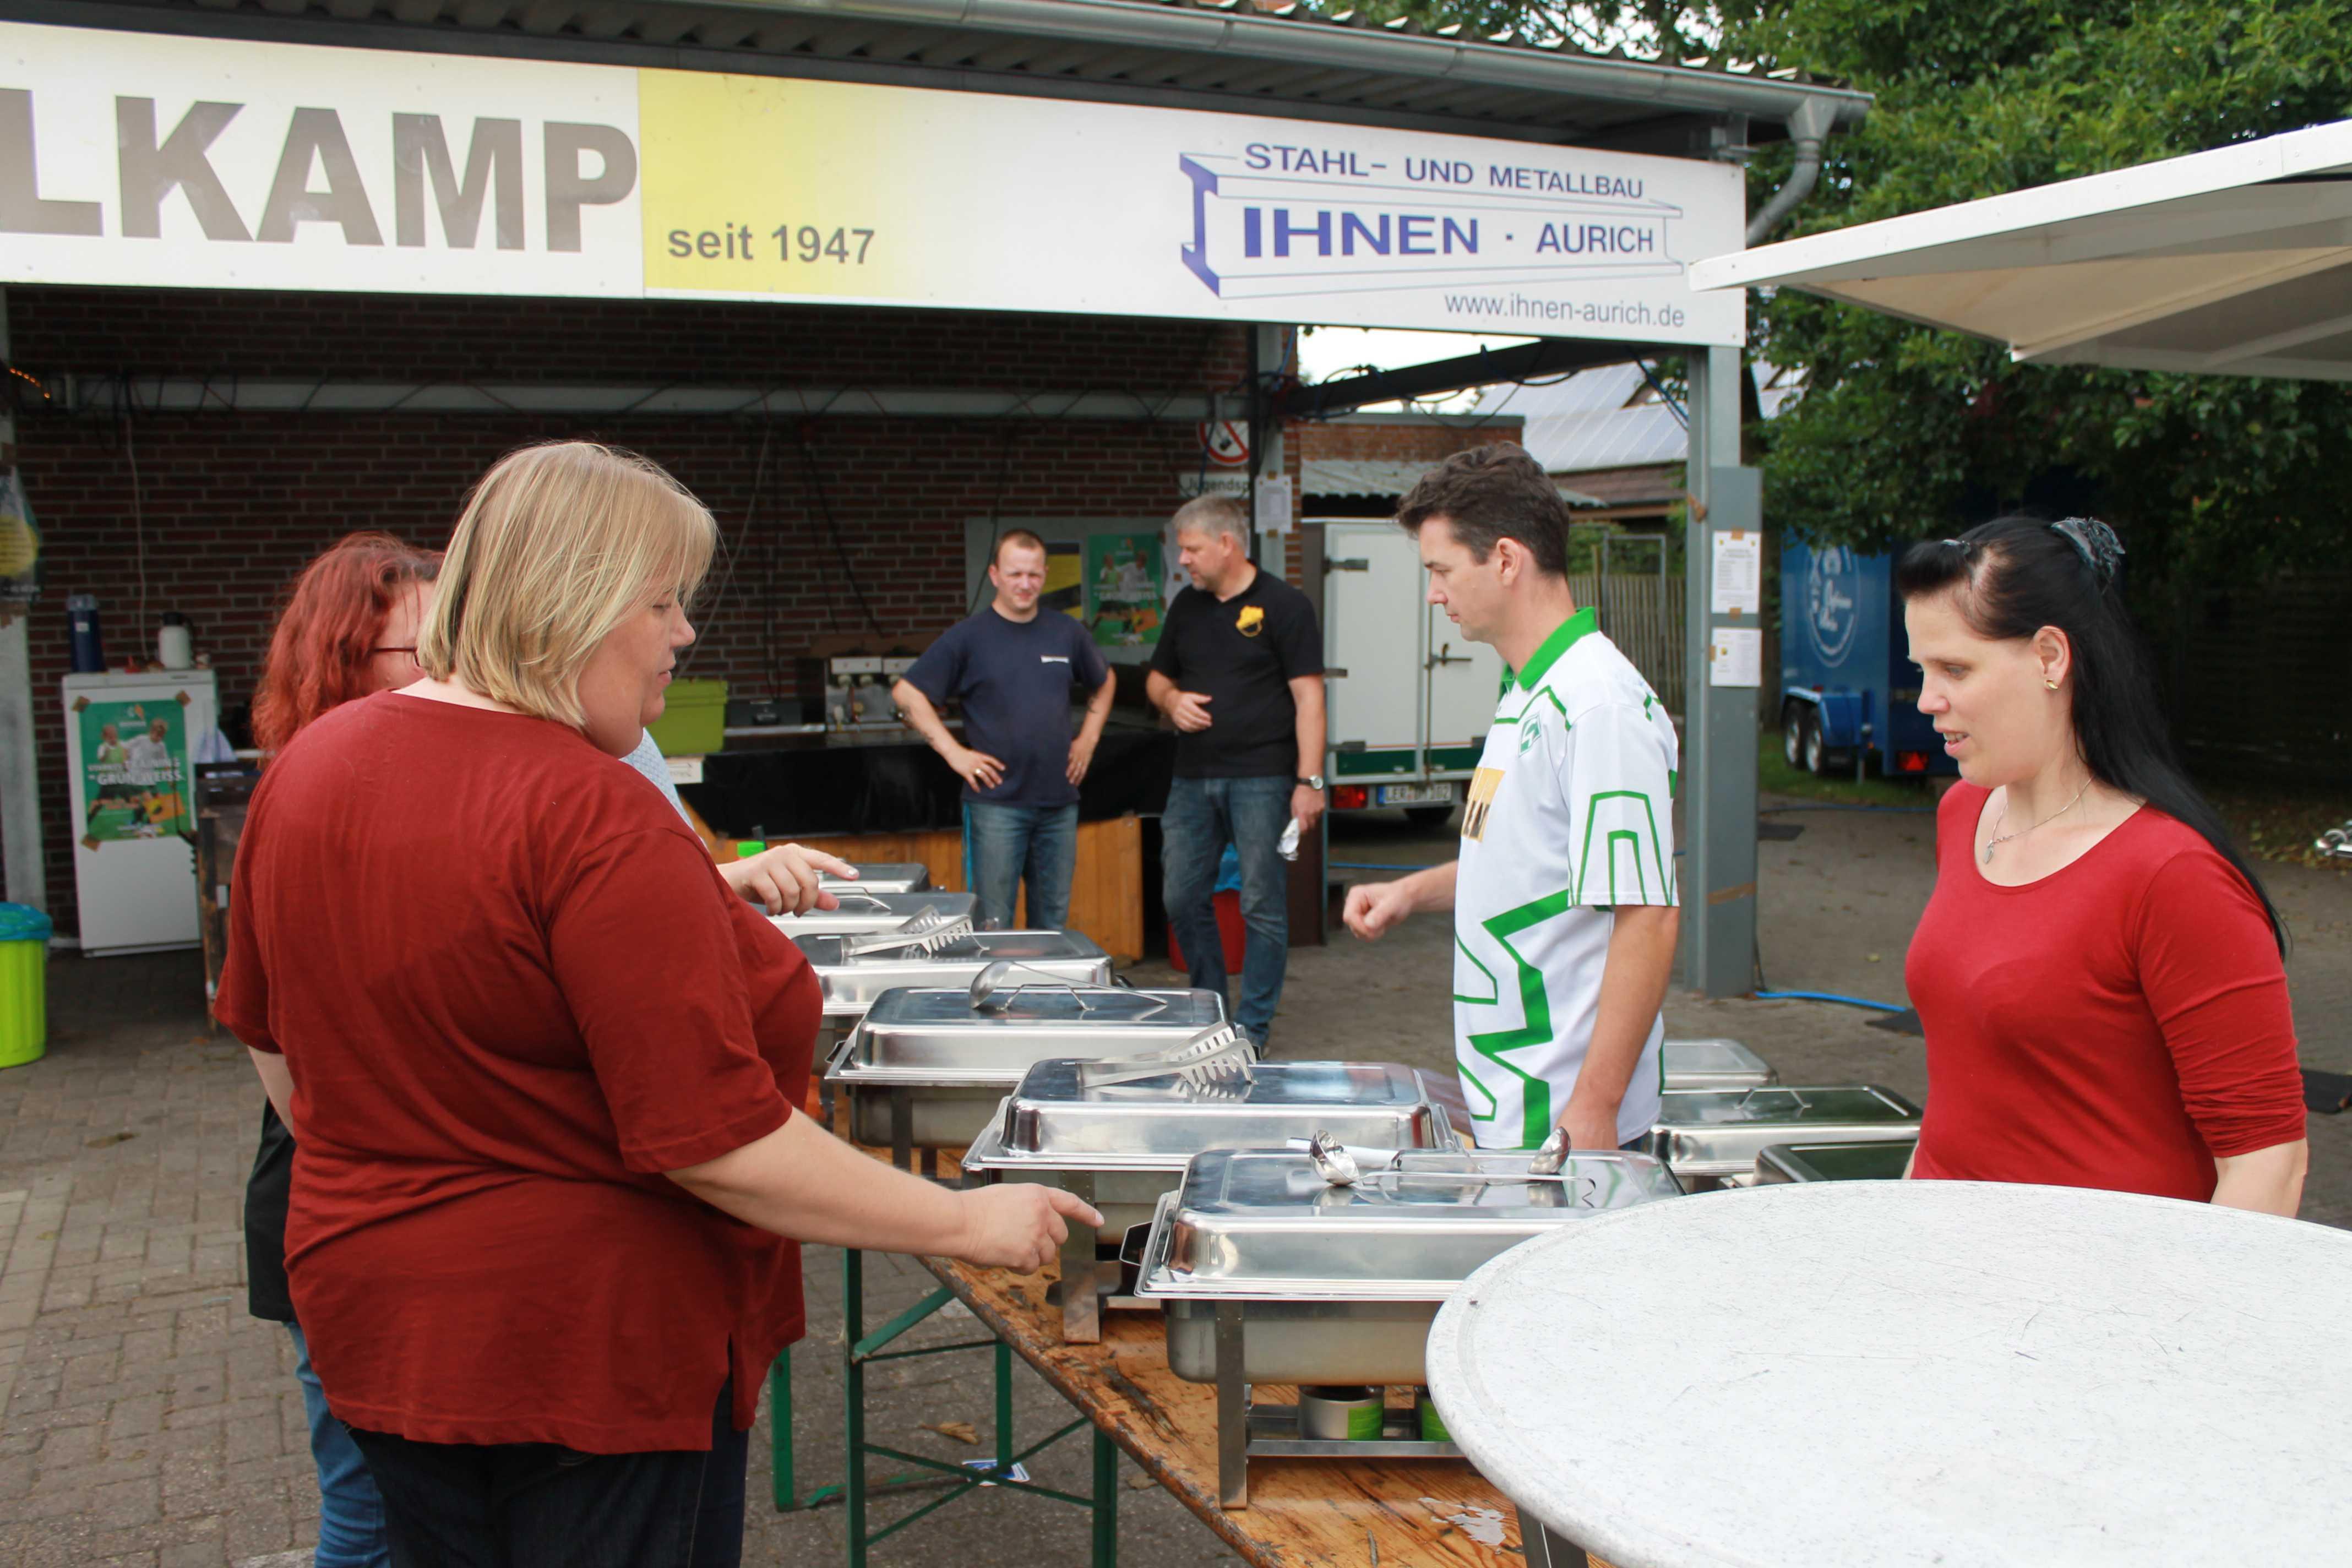 2016-08-13 Werder CAMPontour - Samstag (74)